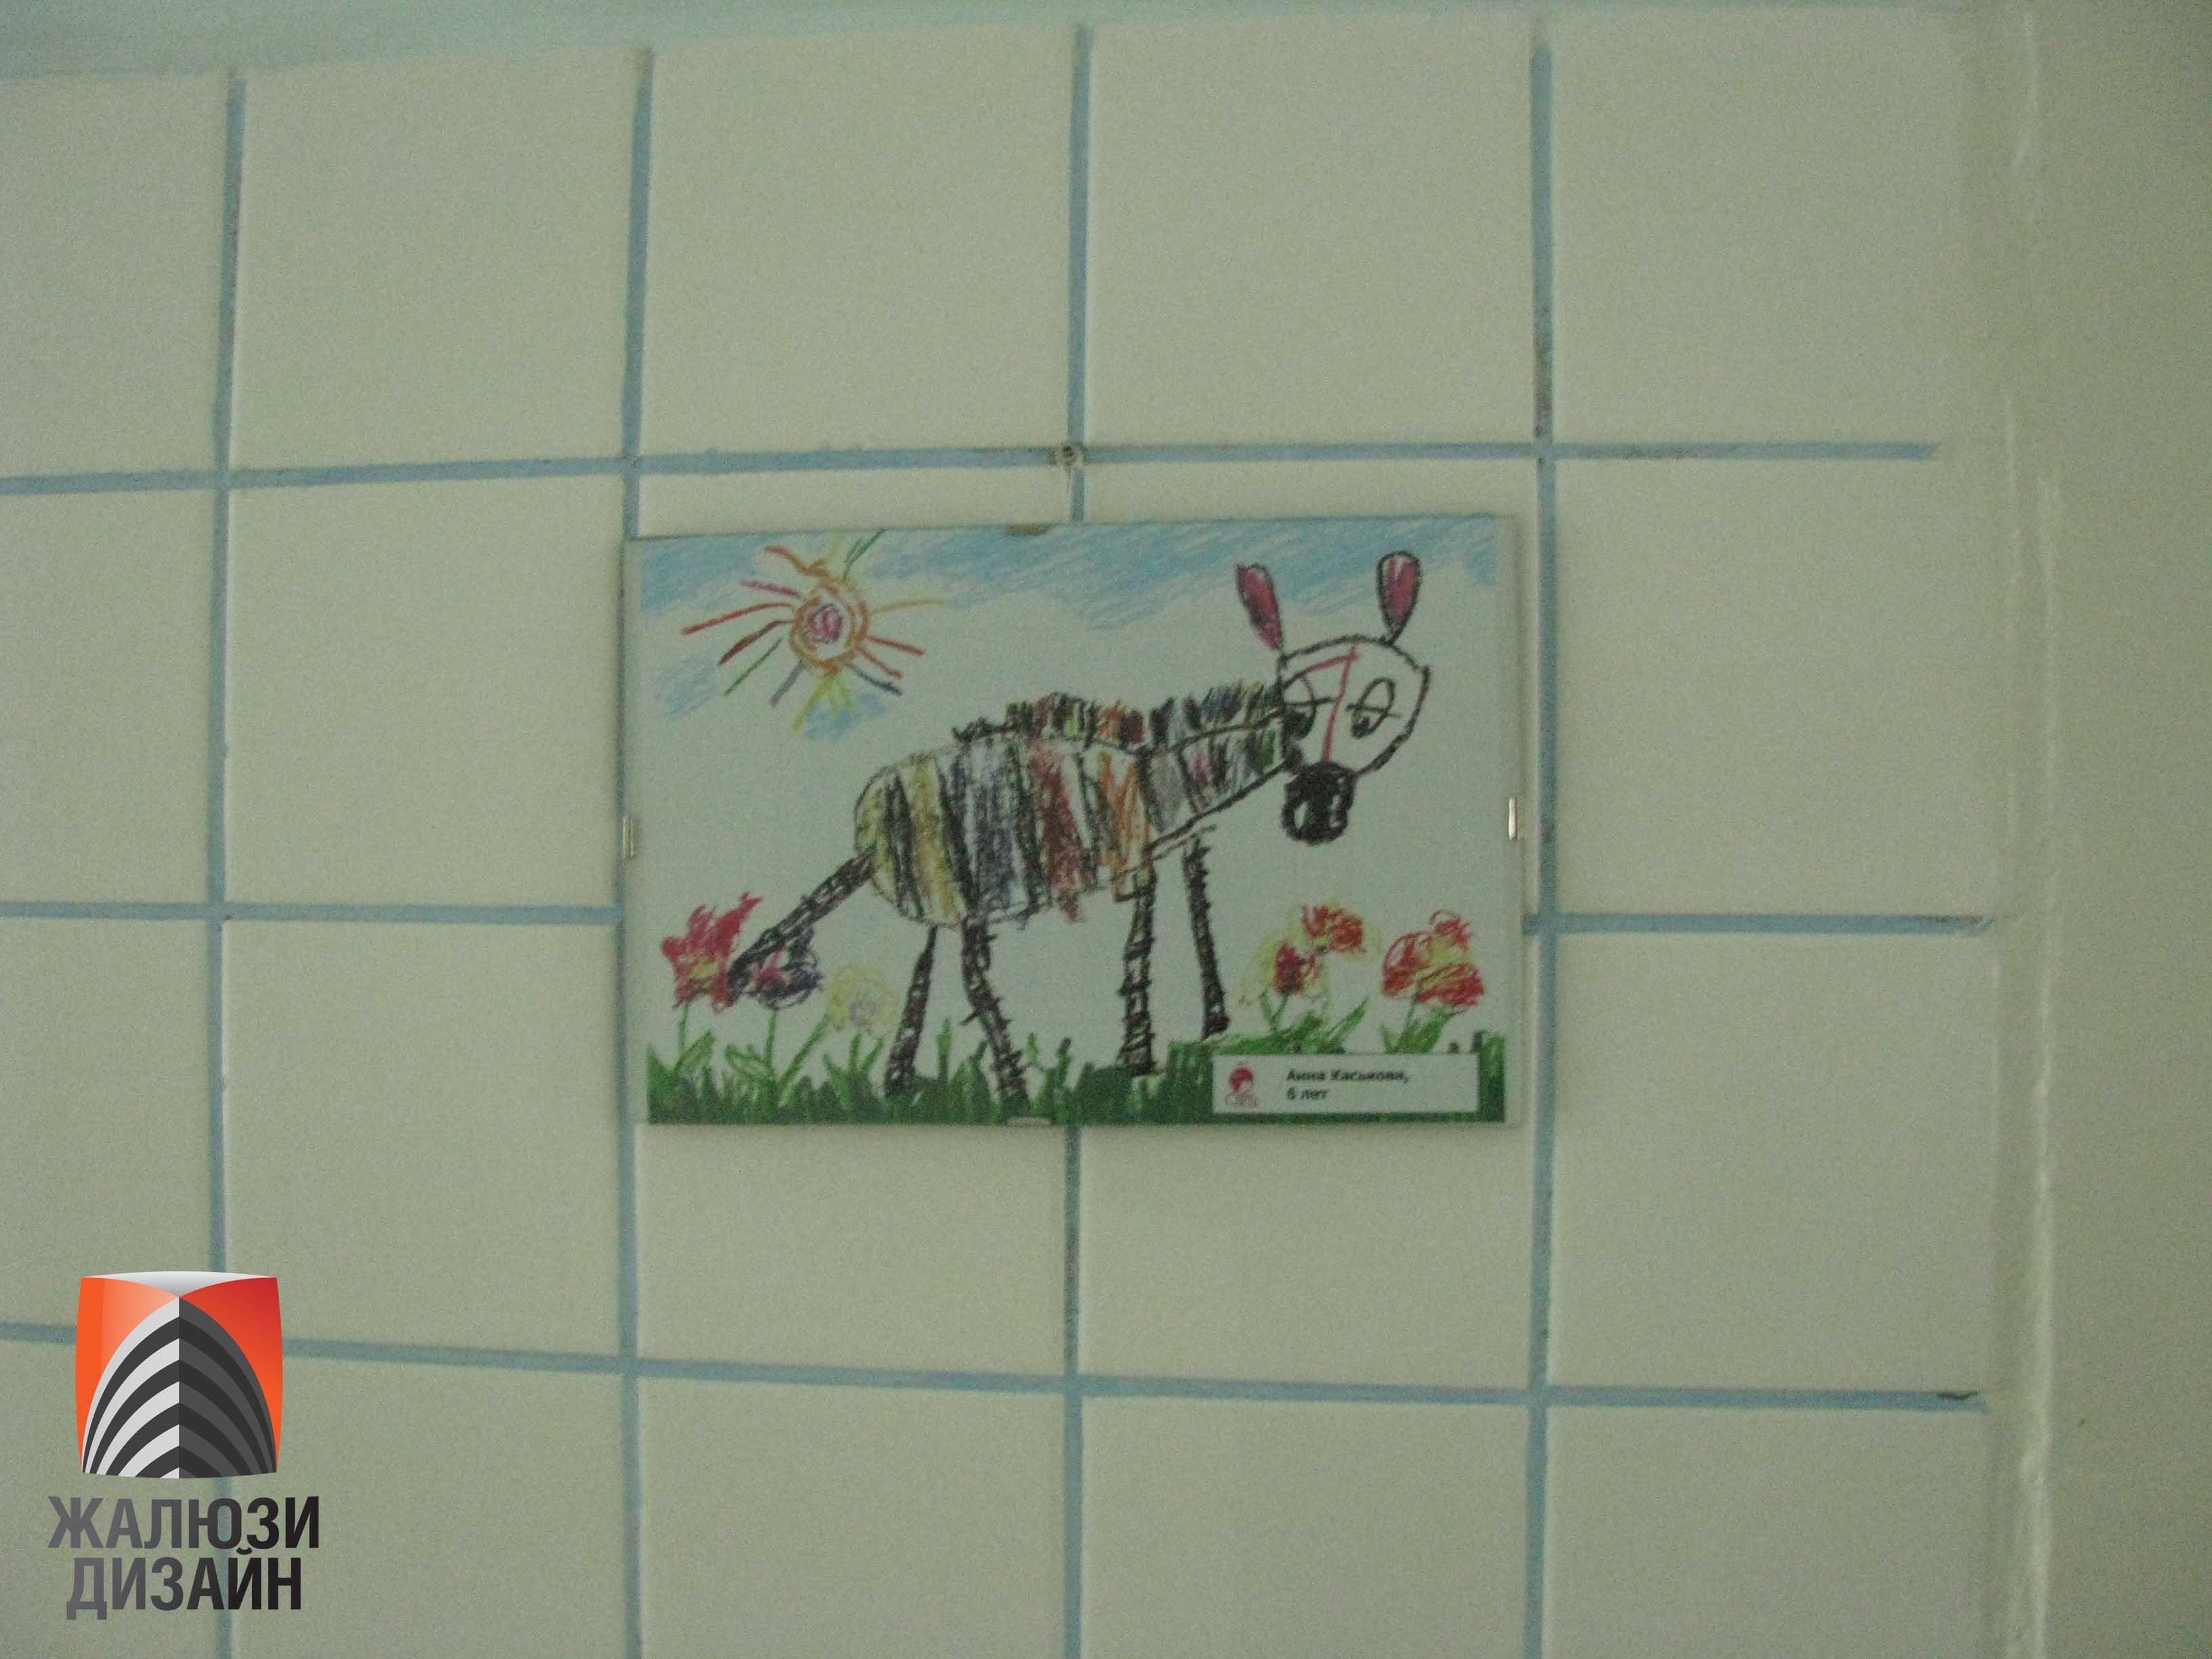 Рисунок, сделанный детьми, на стене в больнице Охматдет